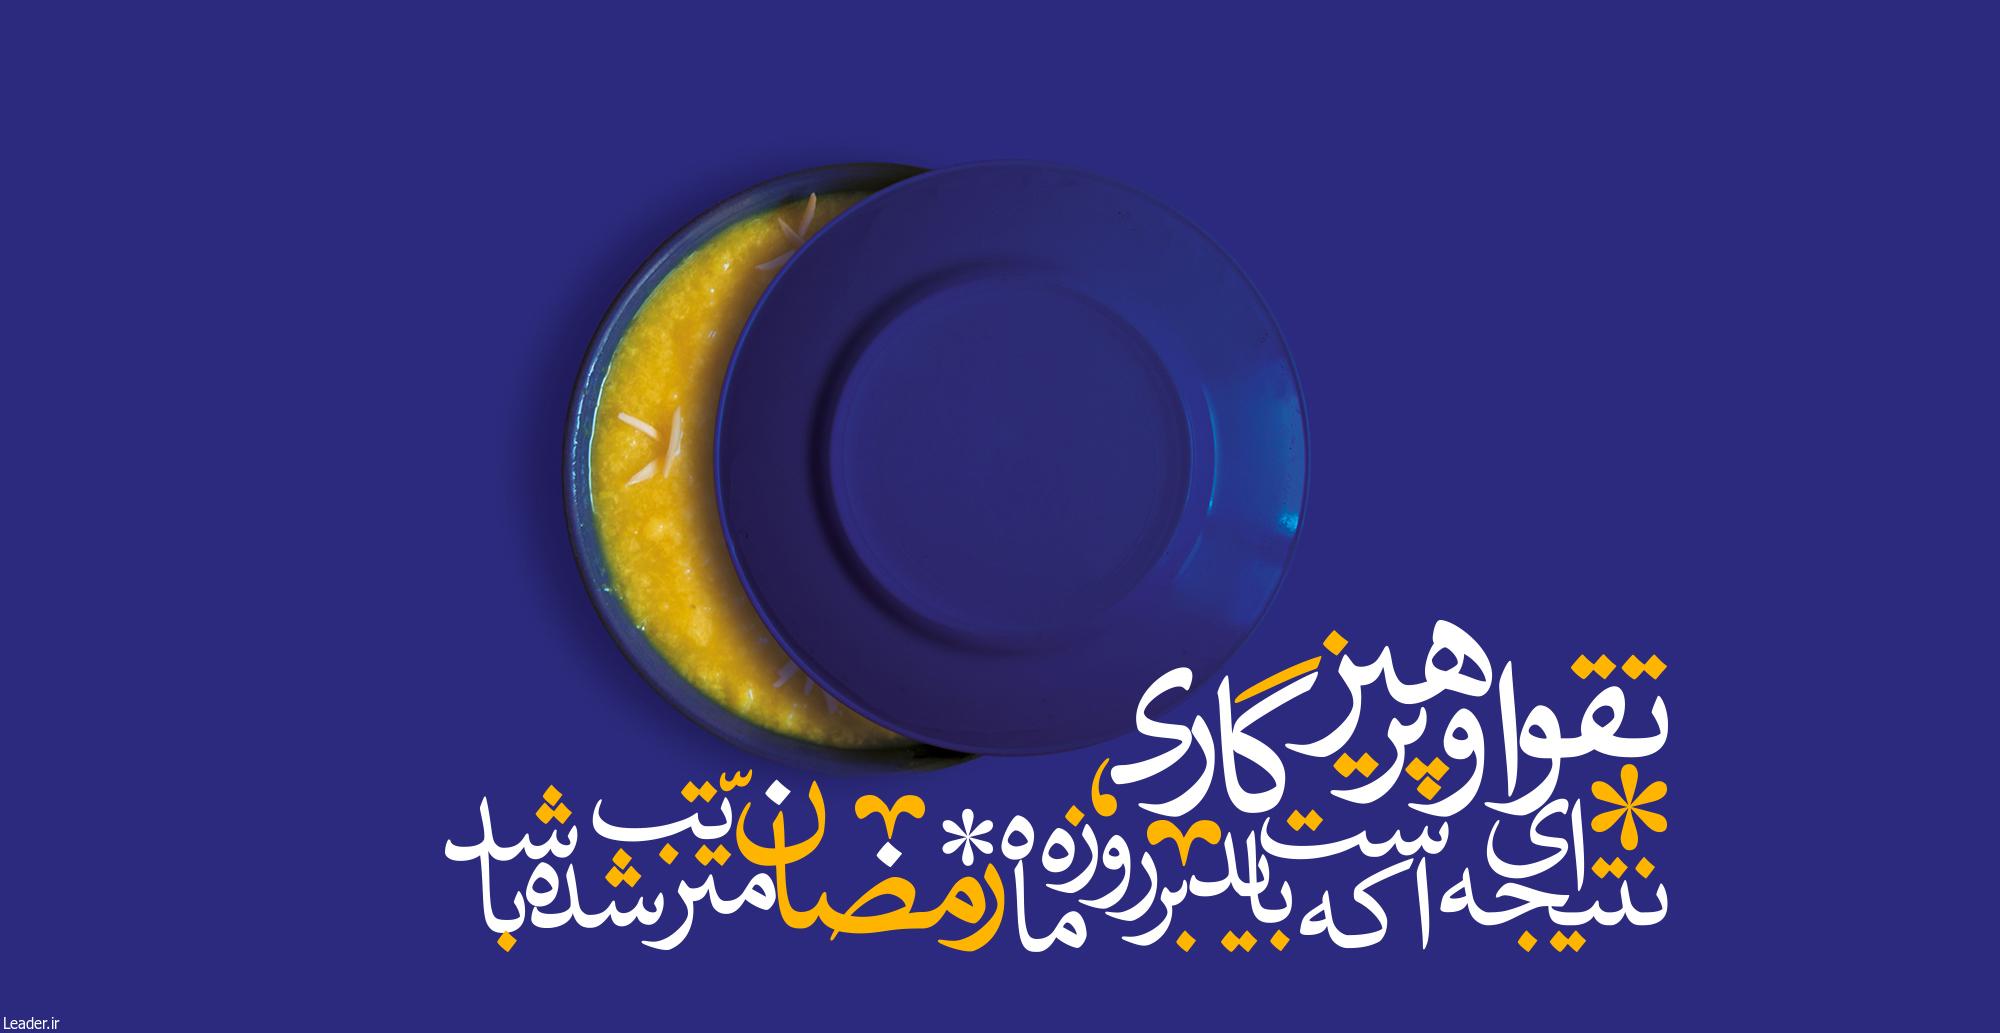 جملات در مورد ماه رمضان